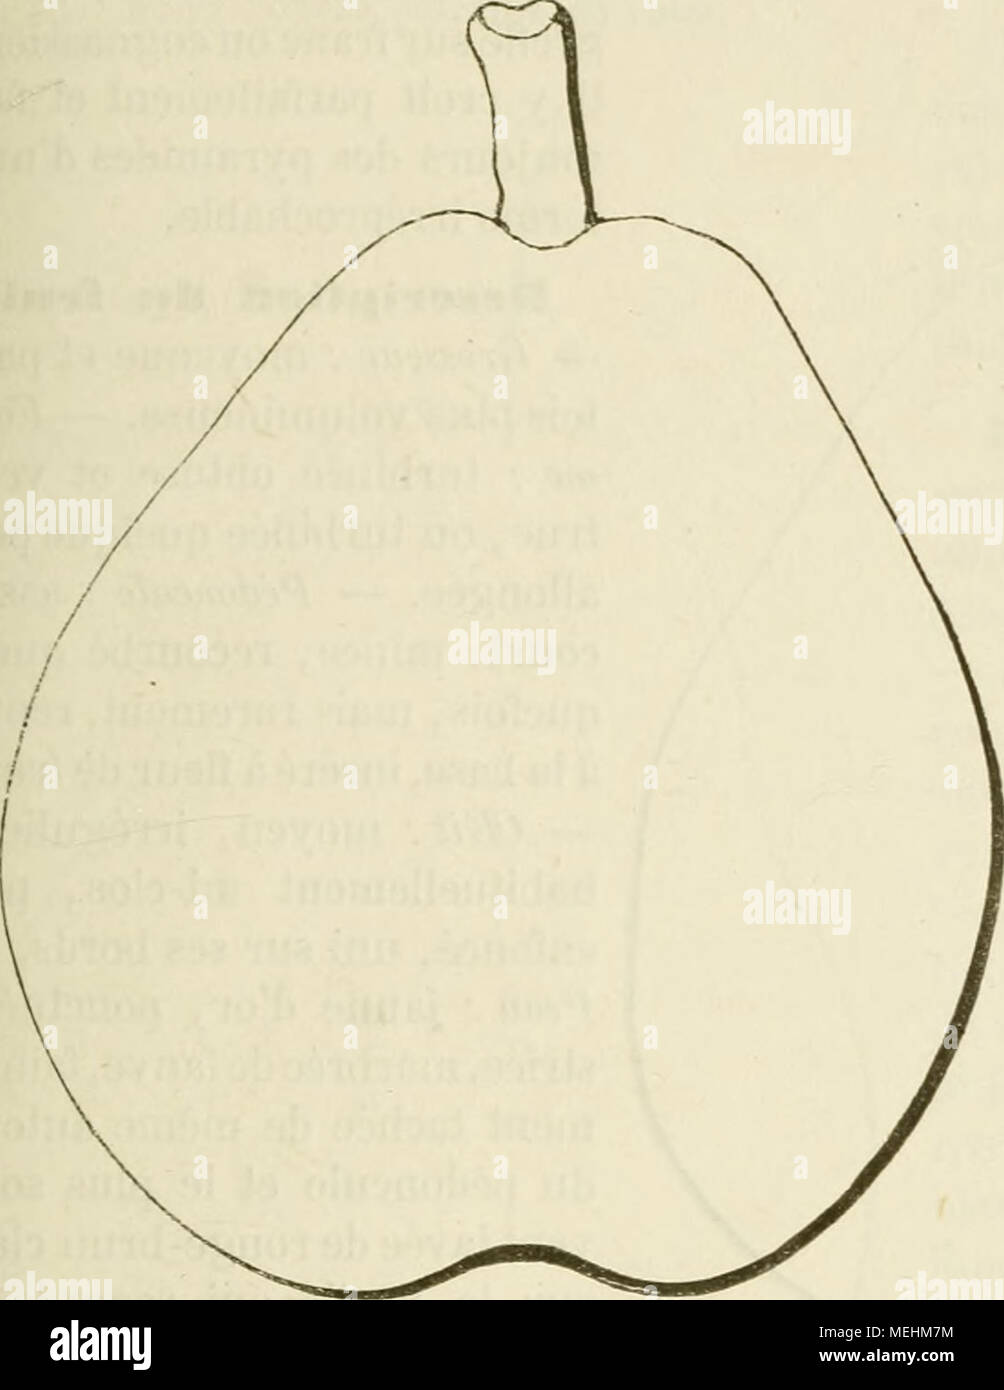 . Dictionnaire de pomologie, contenant l'histoire, la description, la figure des fruits anciens et des fruits modernes les plus g©n©ralement connus et cultiv©s . Poire BEURRà DE PENTECOTE. â Synonyme de Beiirré de Rance. Voir ce nom. Poire BEURRà (PETIT- ). â Voir Petit-Beurré. 245. Poire BEURRà PHILIPPE DELFOSSE. Synonymes. â foires : 1. Beurré Delfosse (Bivort,/l/6Mm depomologie, 1850, t. III, pp. 68 et 166). â 2. Delfosse Bourgmestre {Id. ibid.). â 3. Philippe Delfosse {Id. ibid.). â 4. Bourgmestre Delfosse (Idem, Ãnyiales de pomologie belge et étrangère, 1855, t. [II, p. 87). Descr - Stock Image